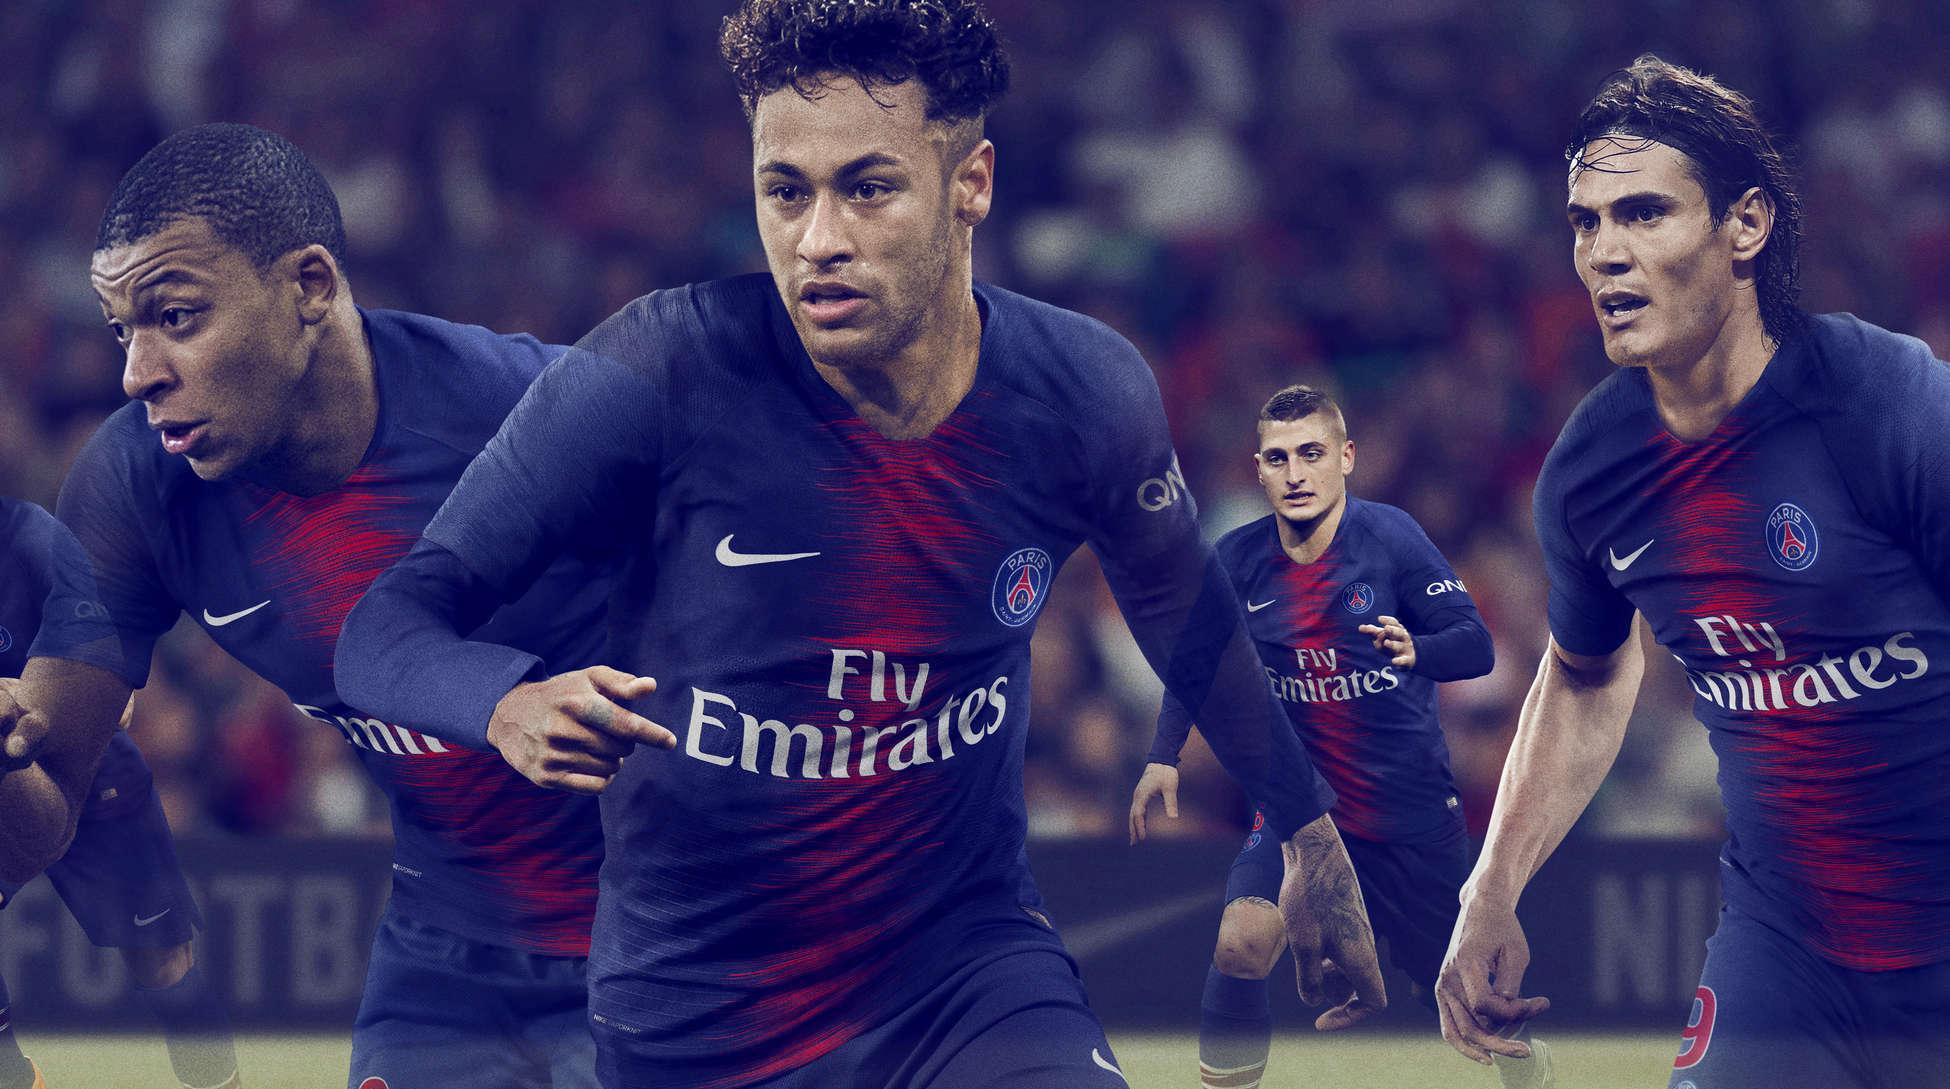 Le nouveau maillot dévoilé — PSG